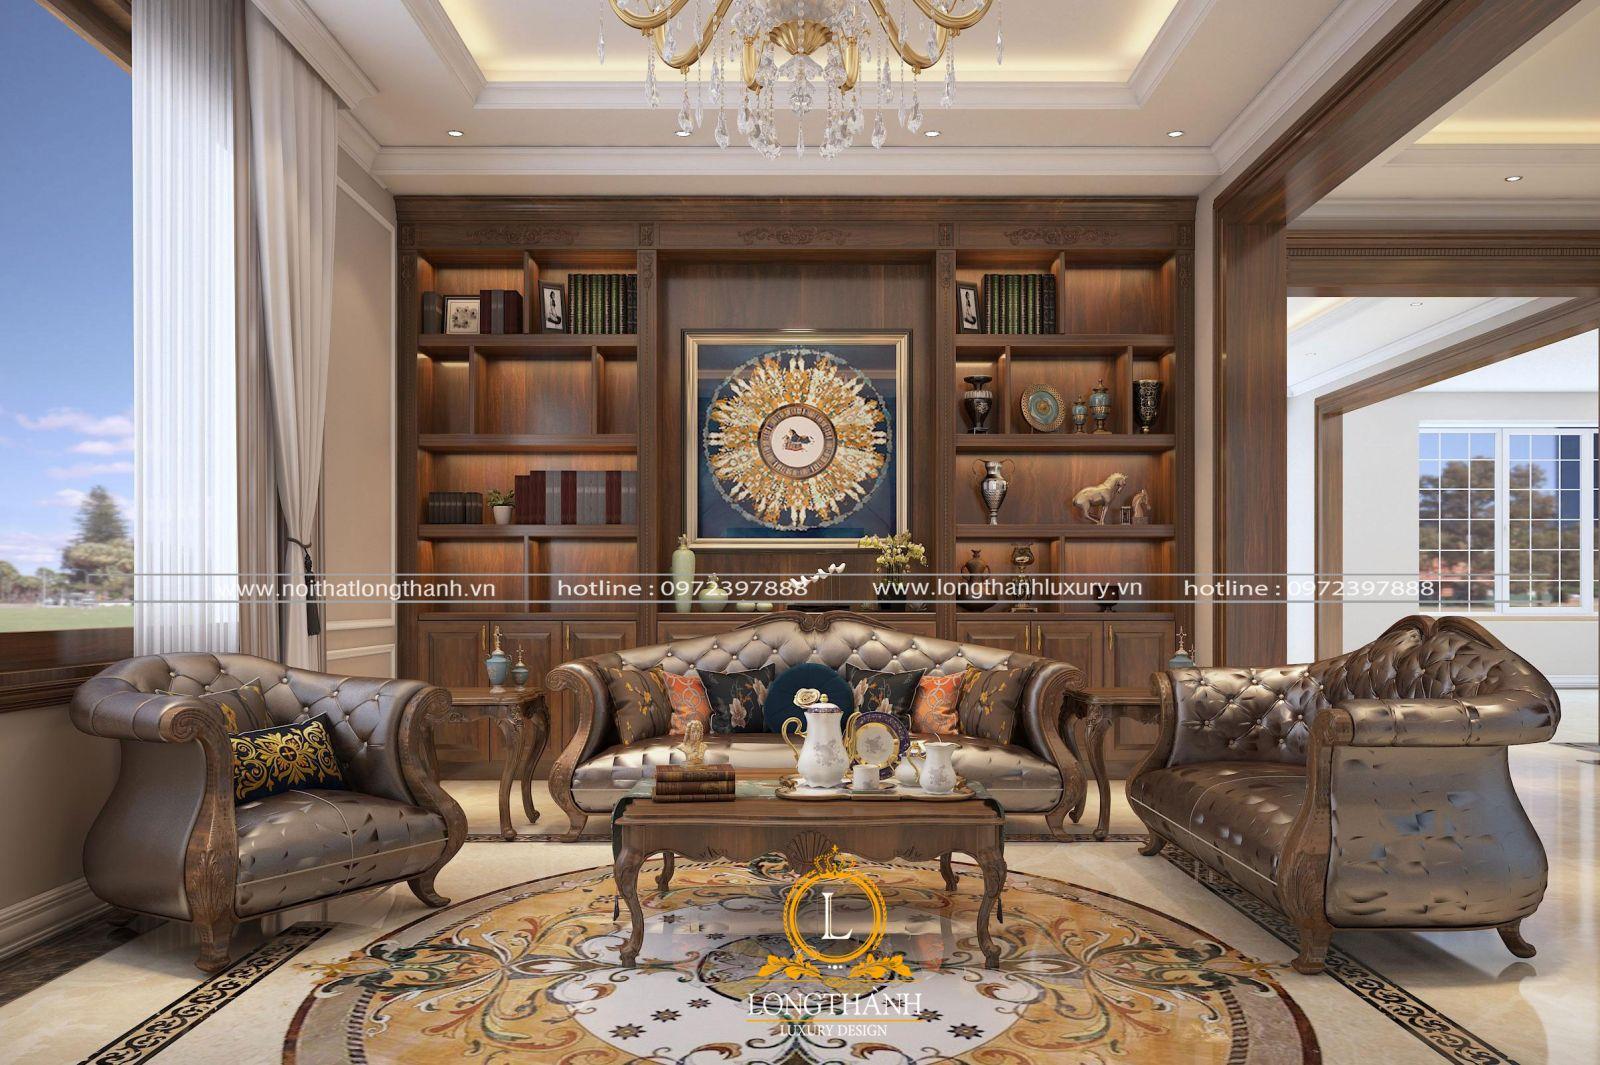 Phòng khách tân cổ điển được trang trí nội thất ấn tượng